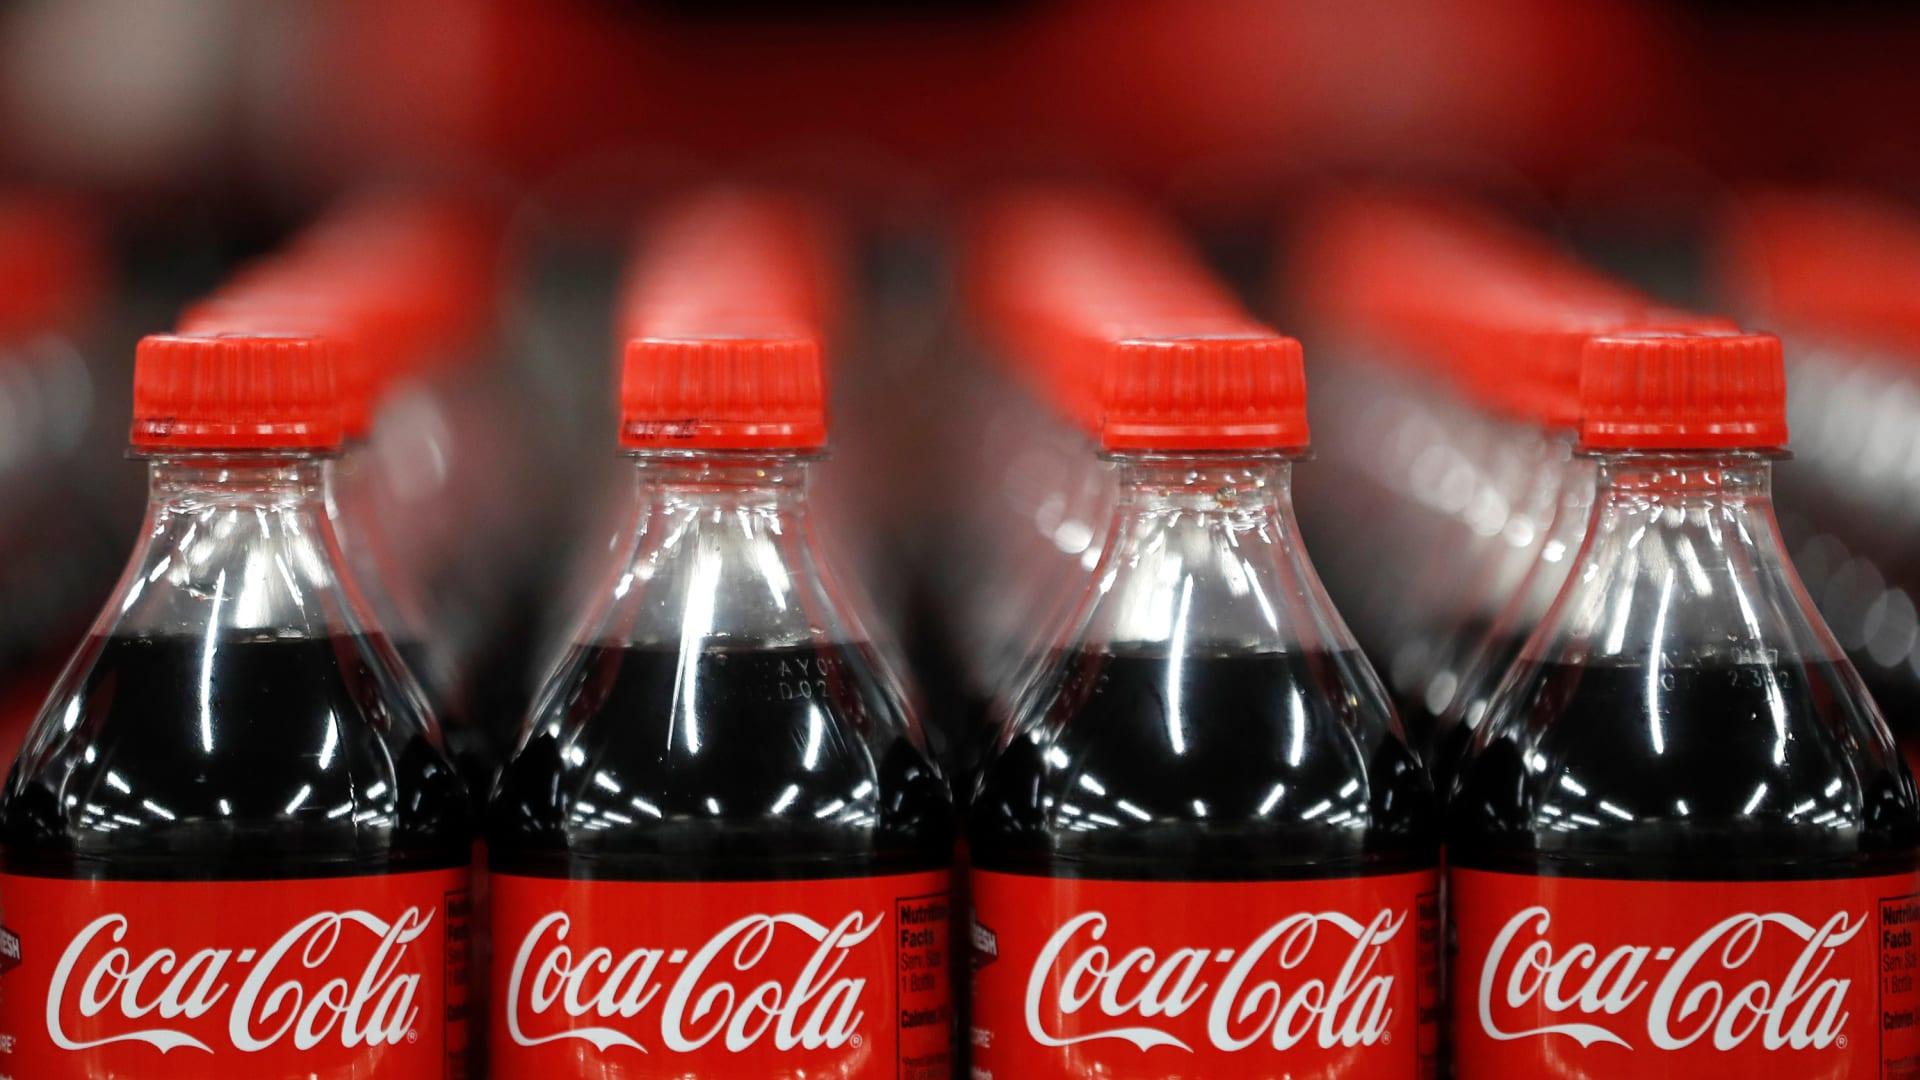 كوكا كولا تعرض التسريح الطوعي على 4 آلاف موظف